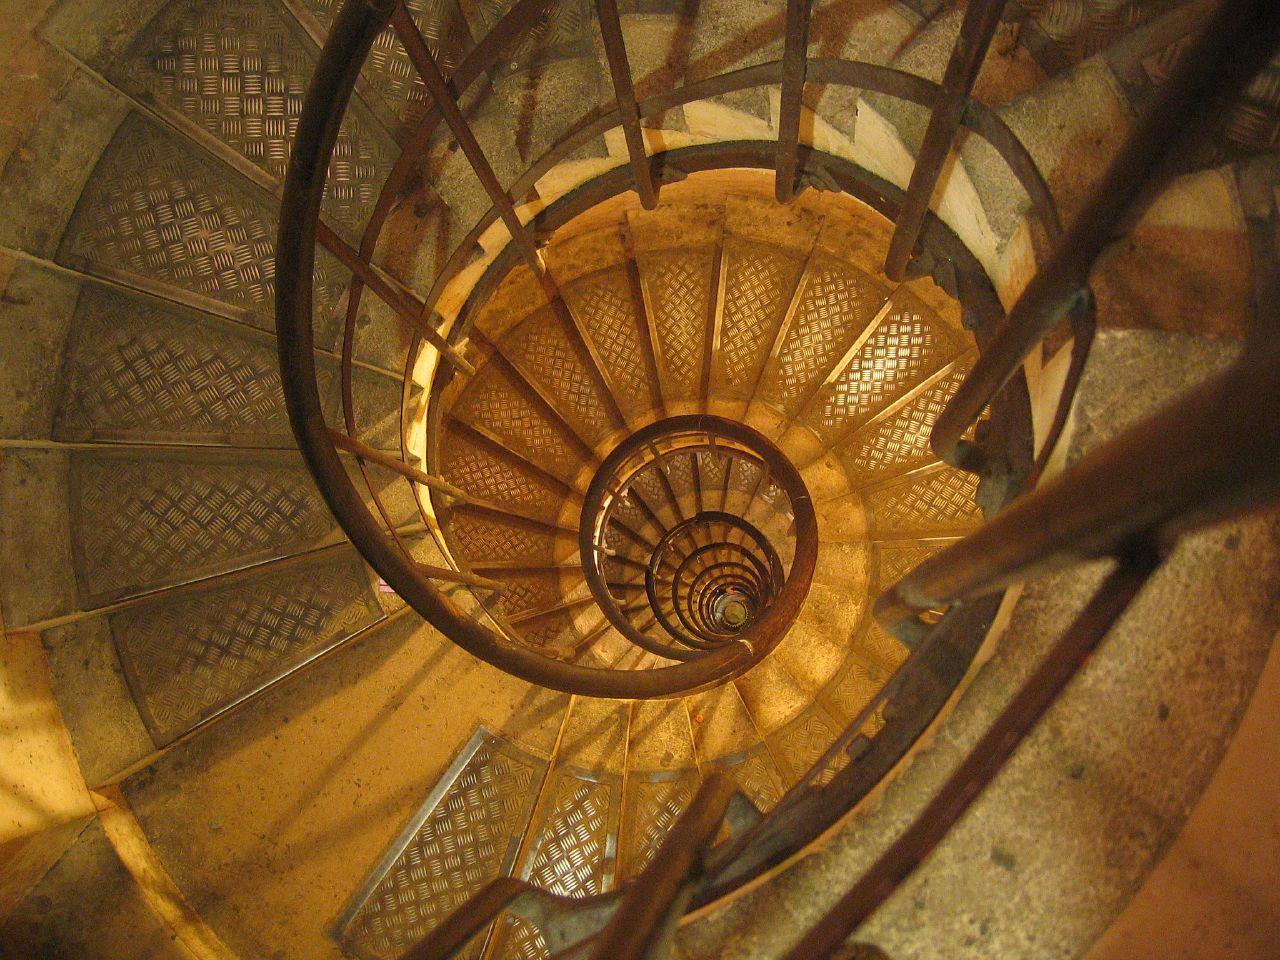 neverending stairway heaven 15 Neverending Stairway to Heaven